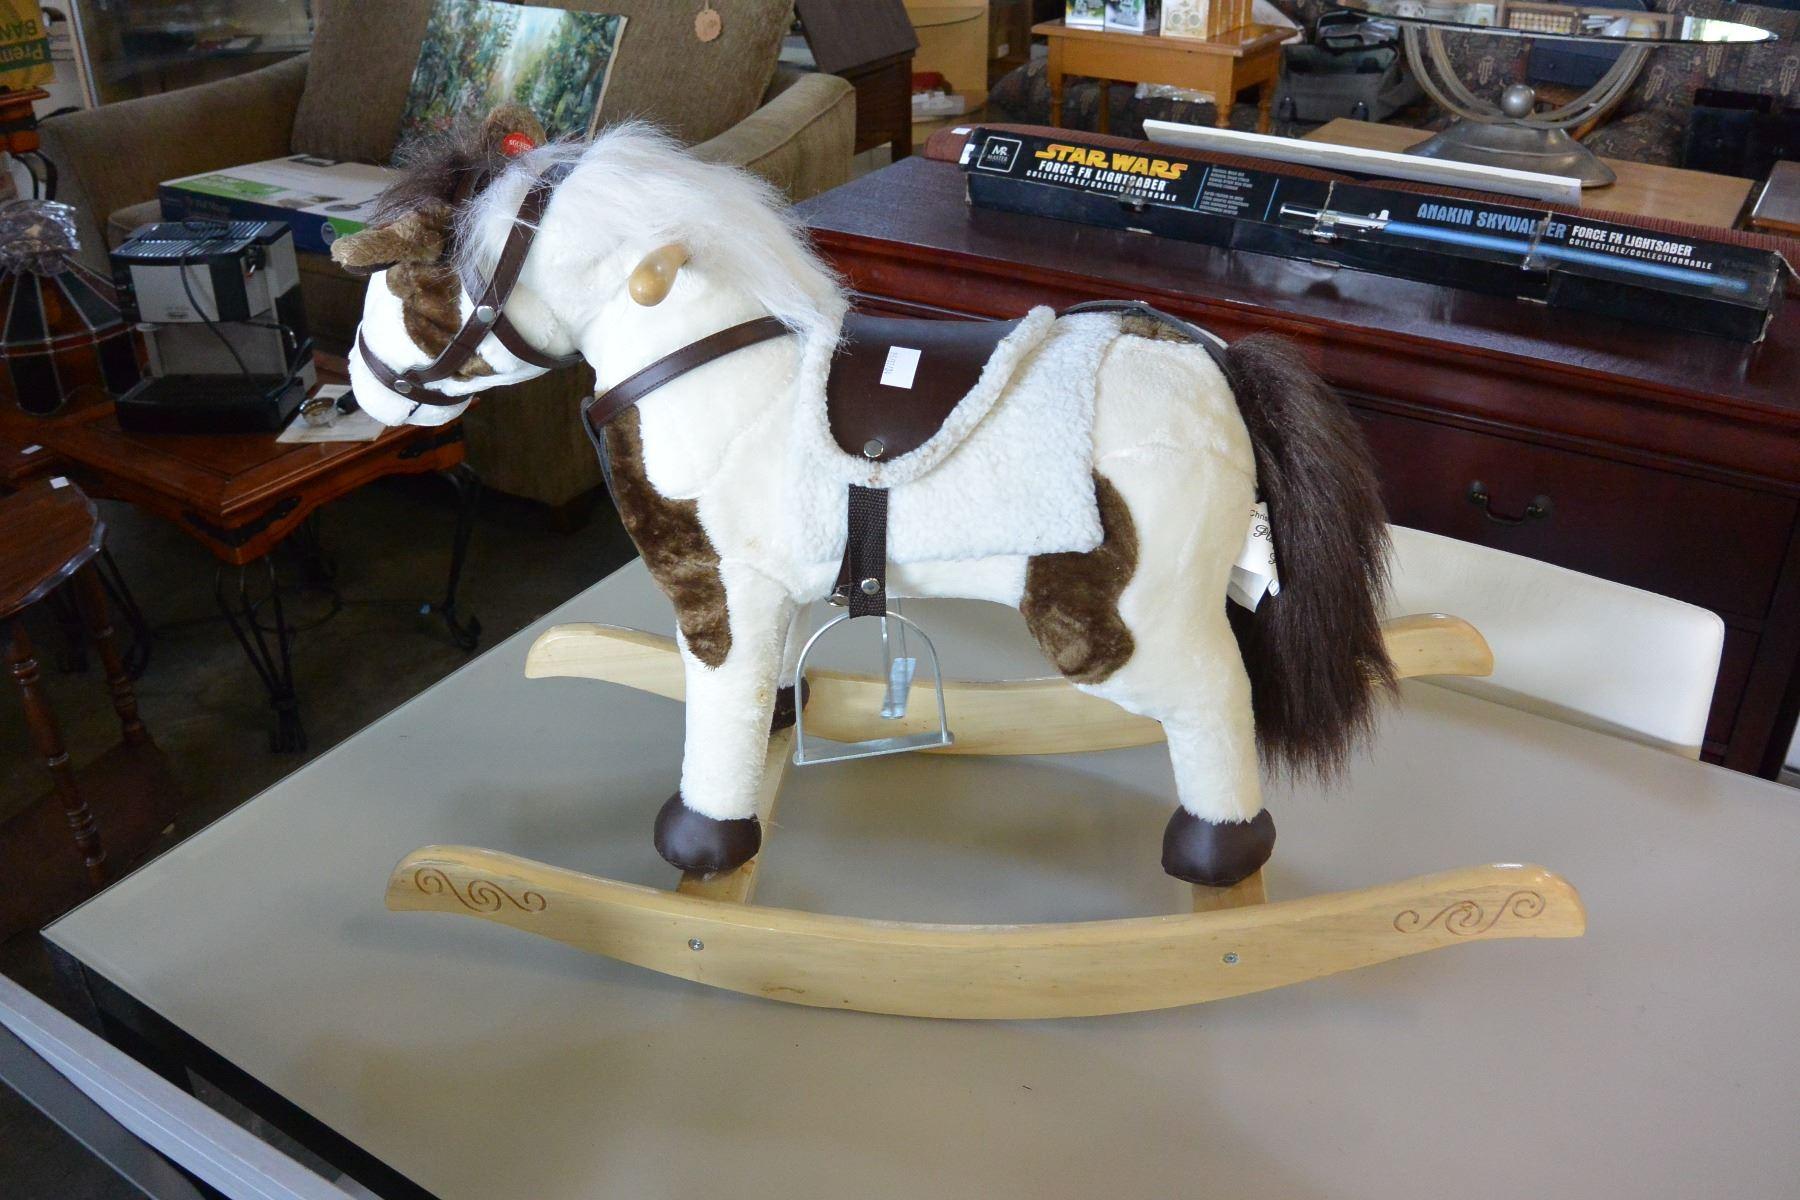 Animatronic Rocking Horse